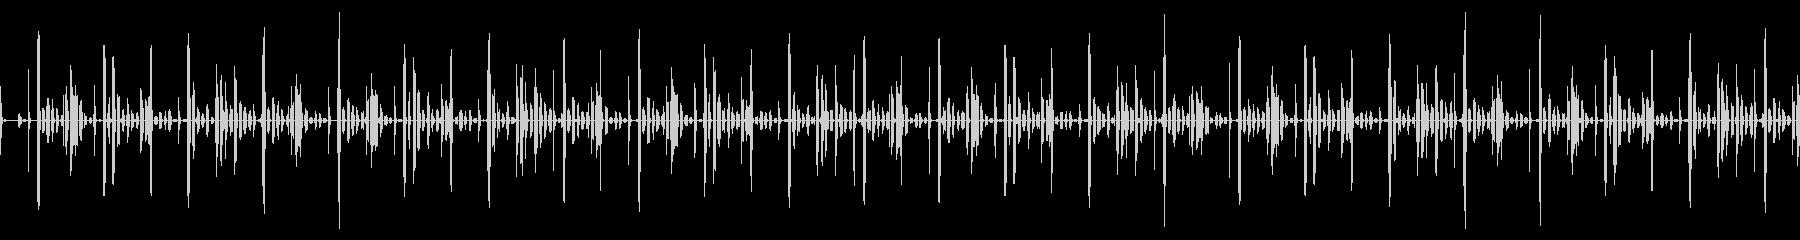 エイリアンの会話の様なリズムループの未再生の波形